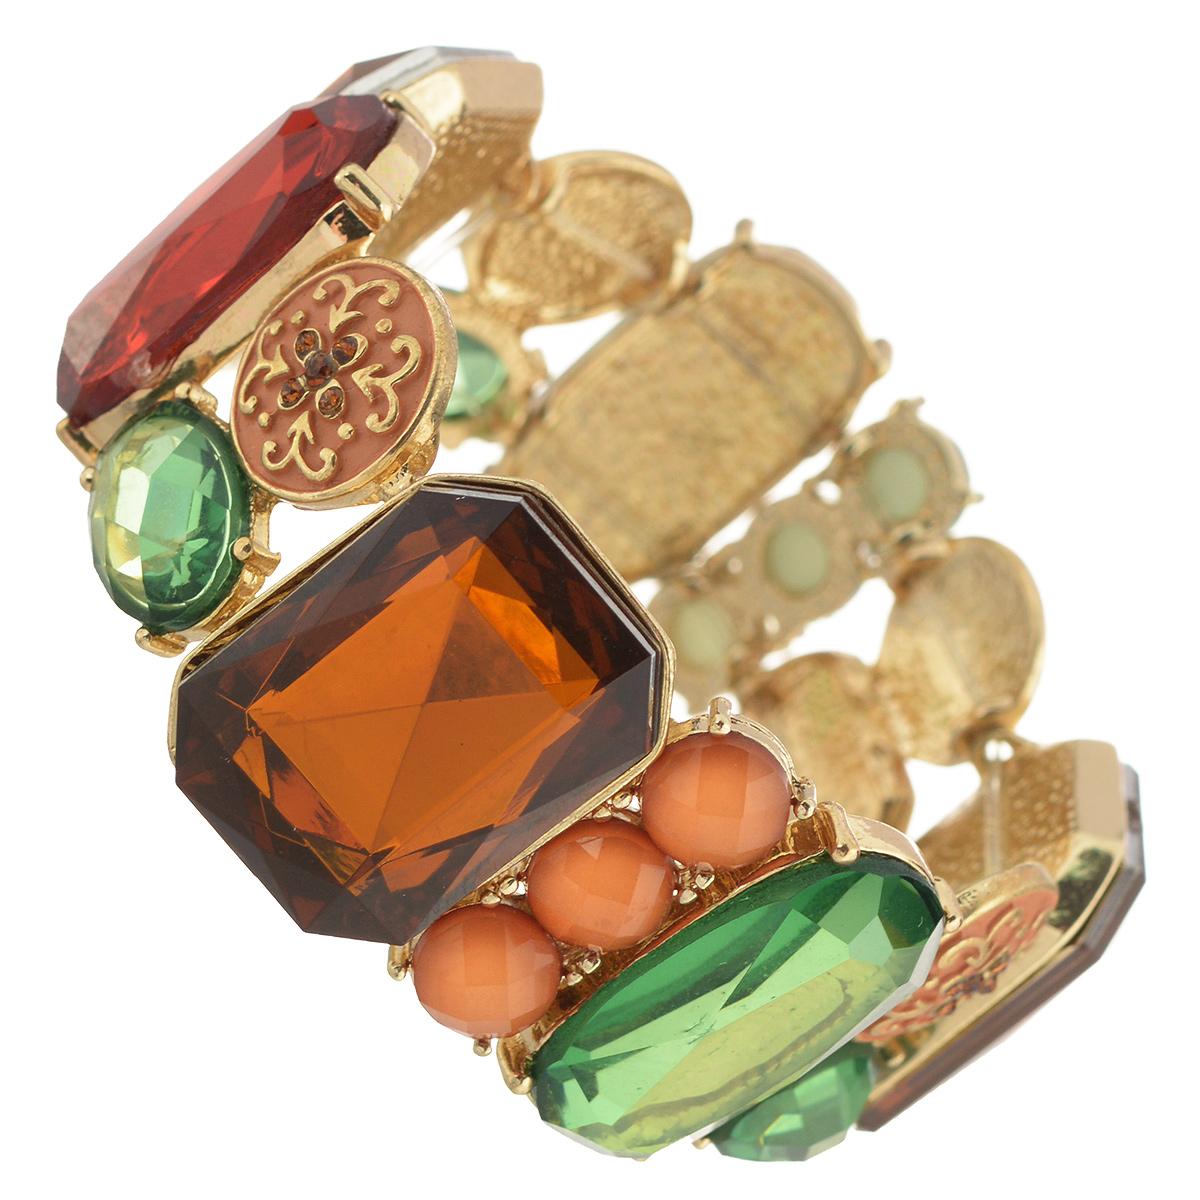 Браслет Selena Street Fashion, цвет: светло-зеленый, желтый, голубой. 4005386040053860Браслет Selena Street Fashion выполнен из металла с гальваническим покрытием золотом и формлен камнями из хрустального стекла. Благодаря резинке браслет может растягиваться, что делает его размер универсальным. Коллекция Street Fashion – бижутерия, которая, как и весь уличный стиль, не обязывает к соответствию строгим стандартам, а позволяет легко и немного играючи выстроить свой образ.